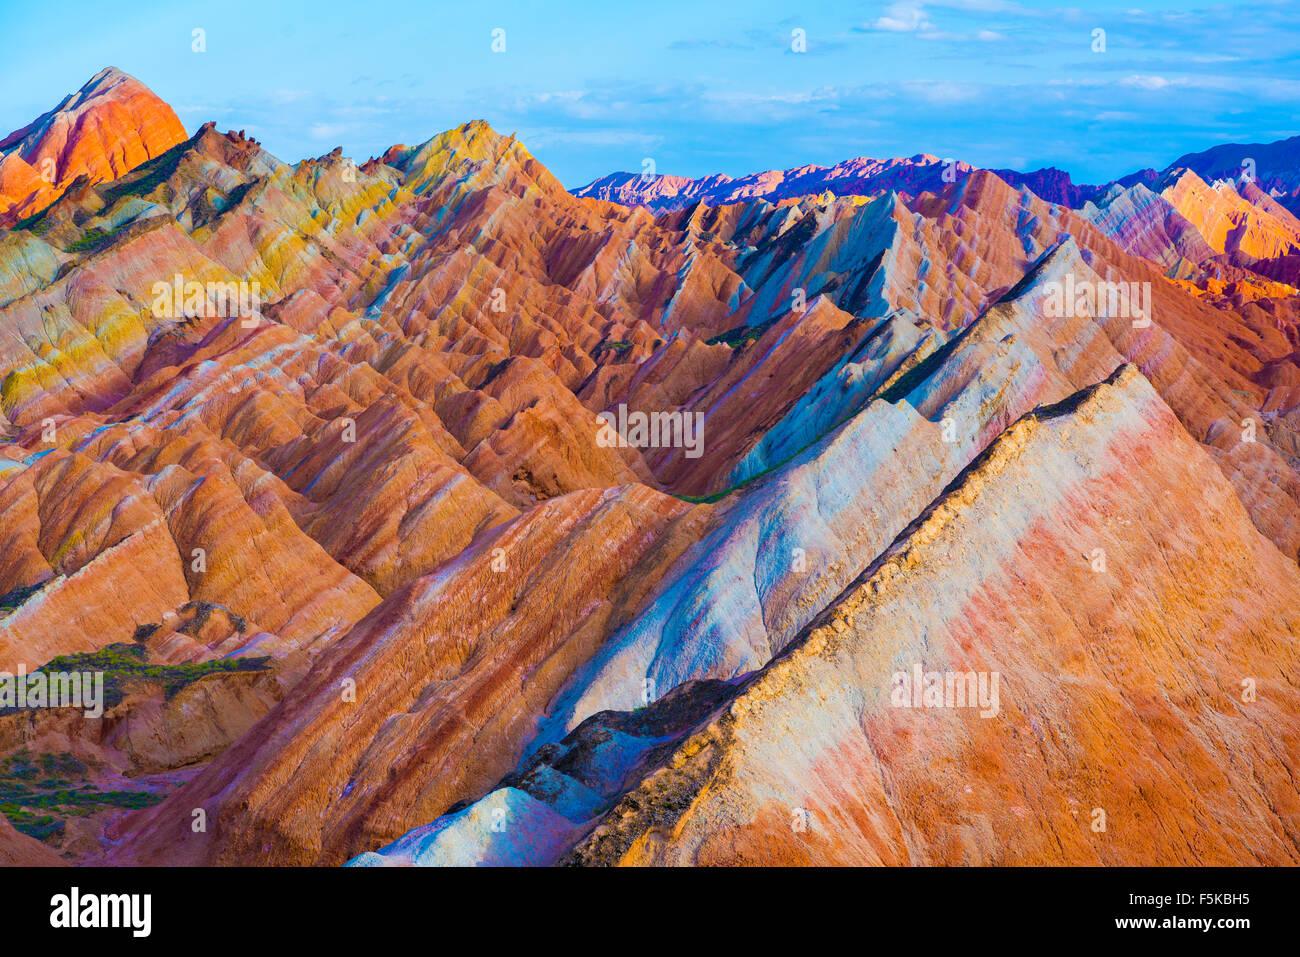 Coloful à Zhanhye Danxie formulaires Parc Geo, Chine Gansu Province, Ballands érodé en couleurs multiples Photo Stock